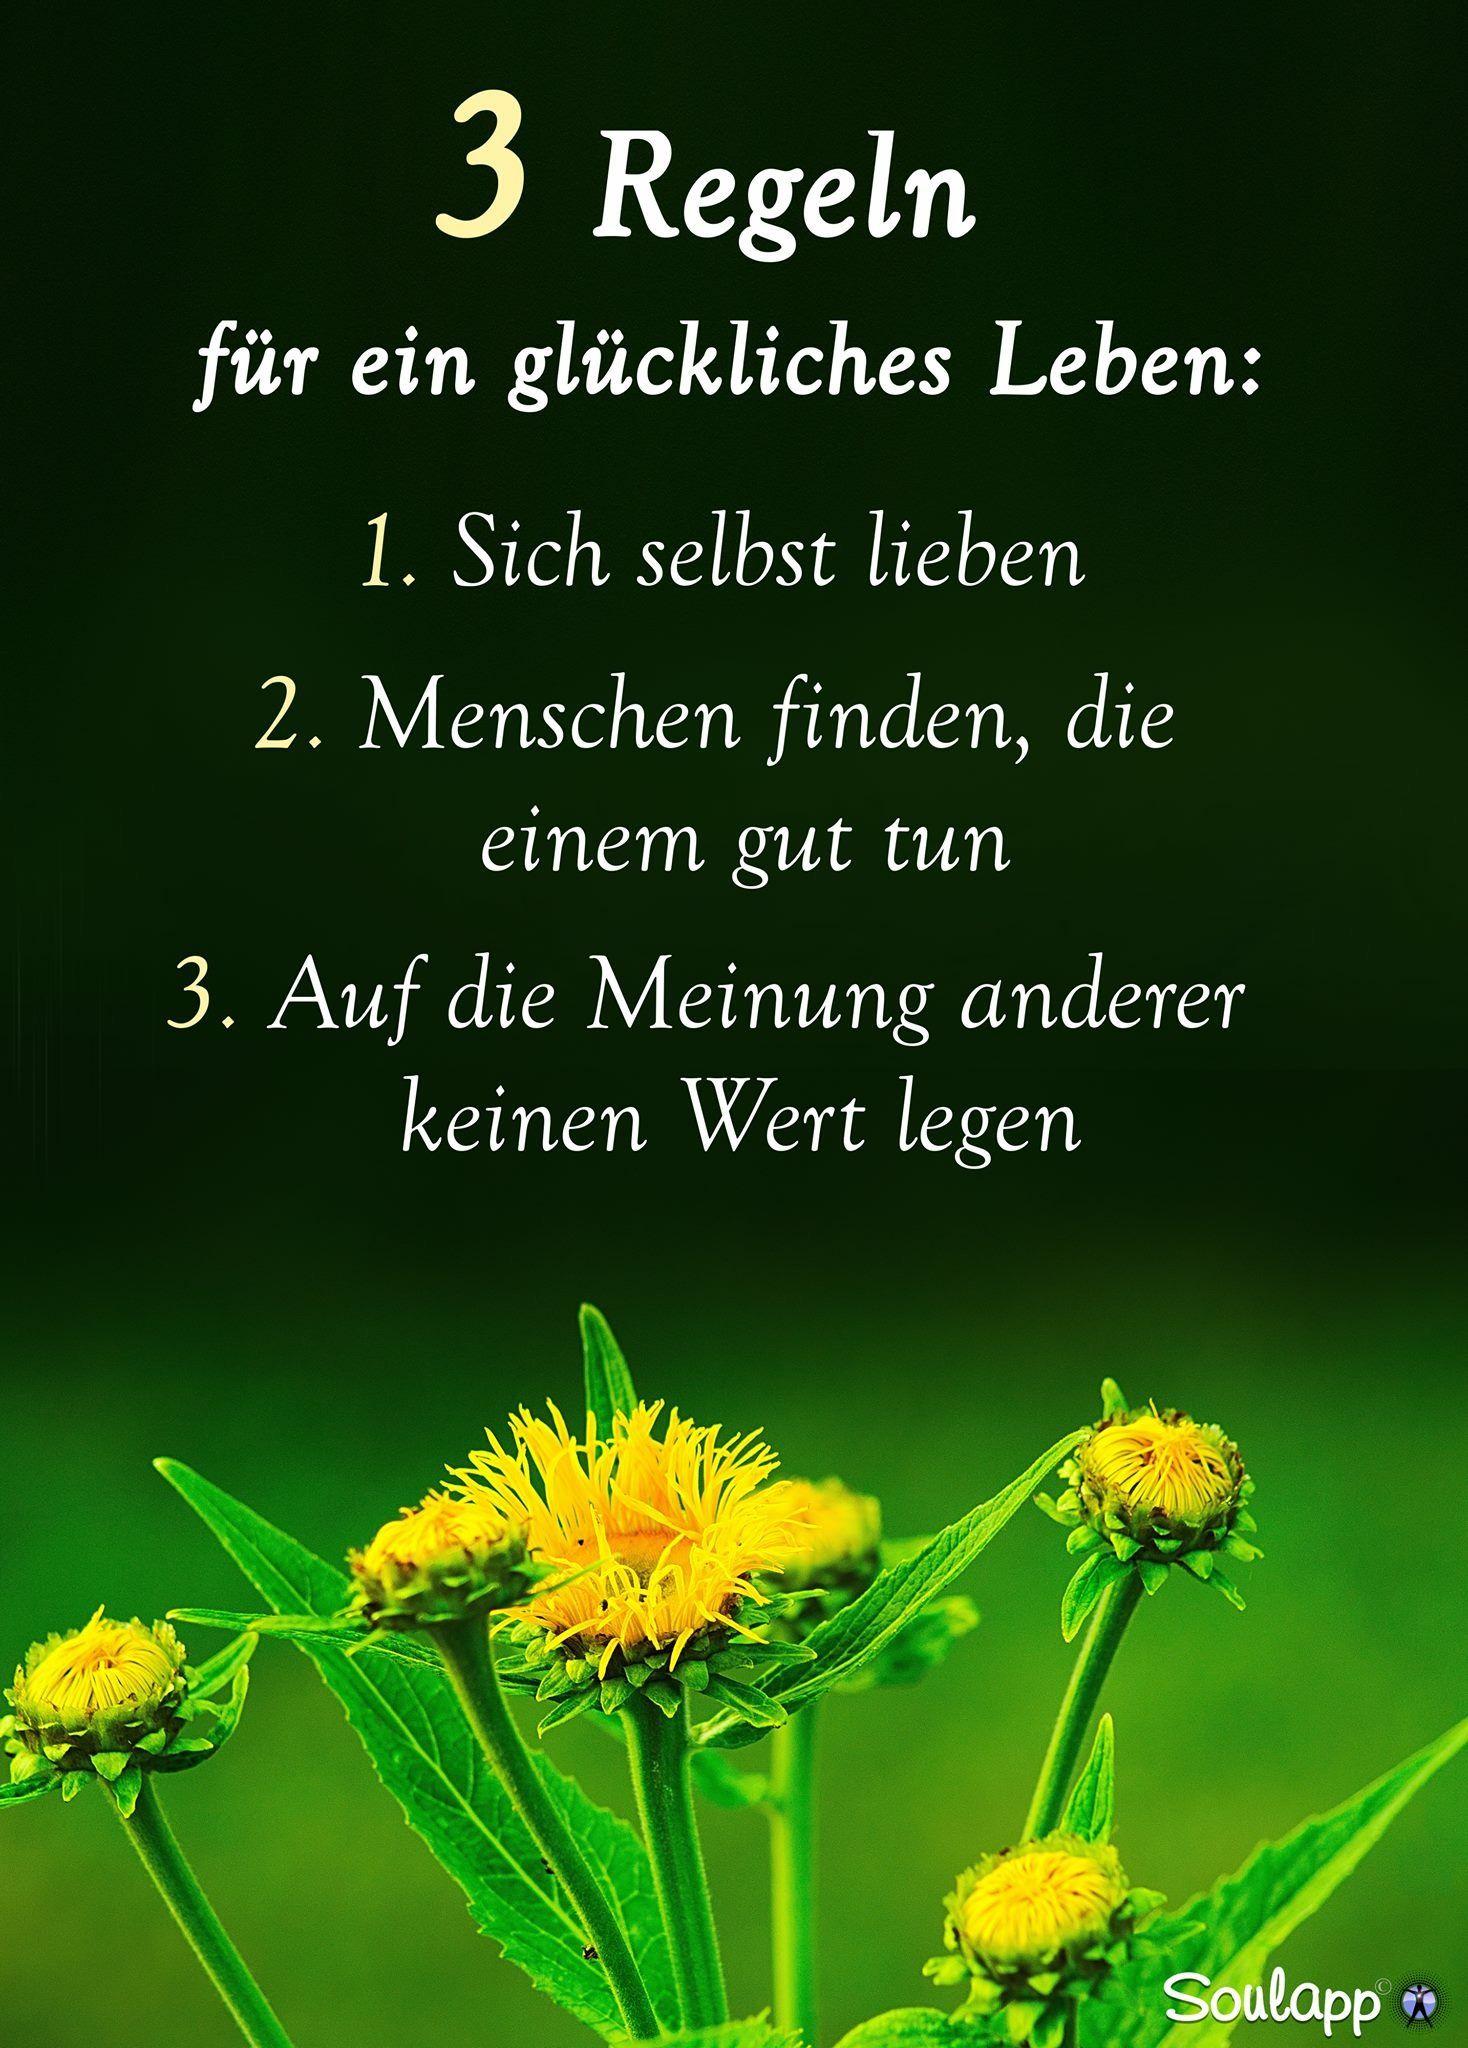 Pin von Heinrich Thoben auf Weisheiten | Quotes ...